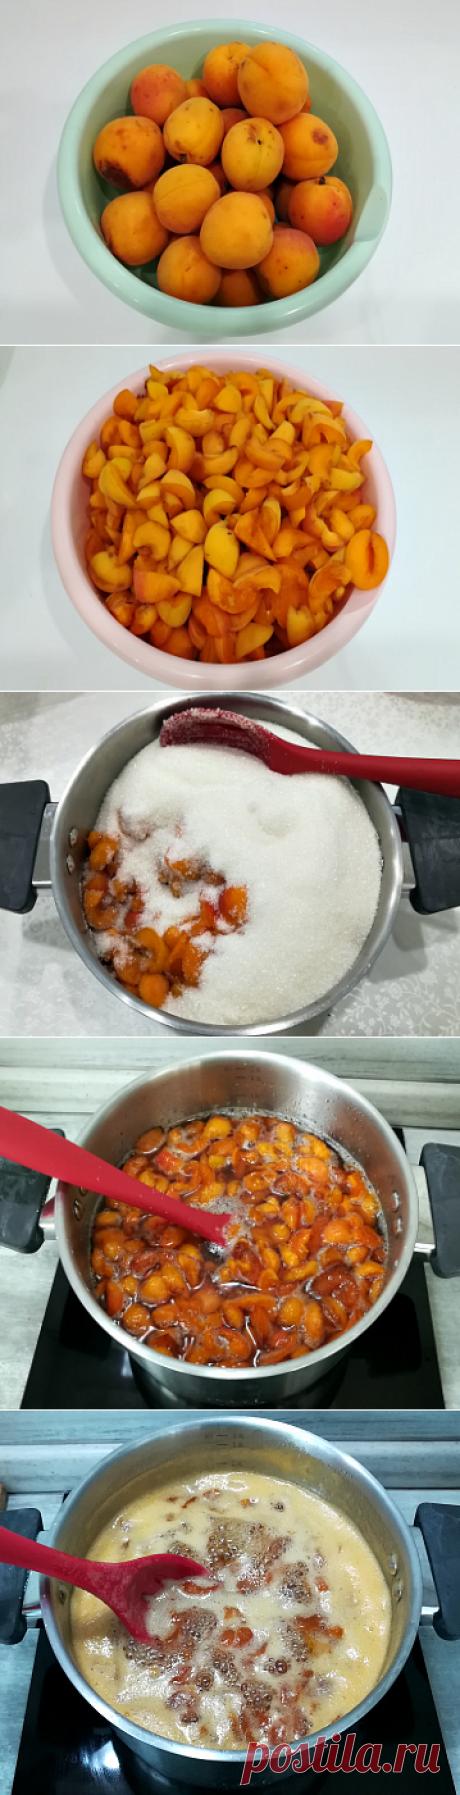 Варенье из абрикосов - быстрый способ варки - Вкусный день